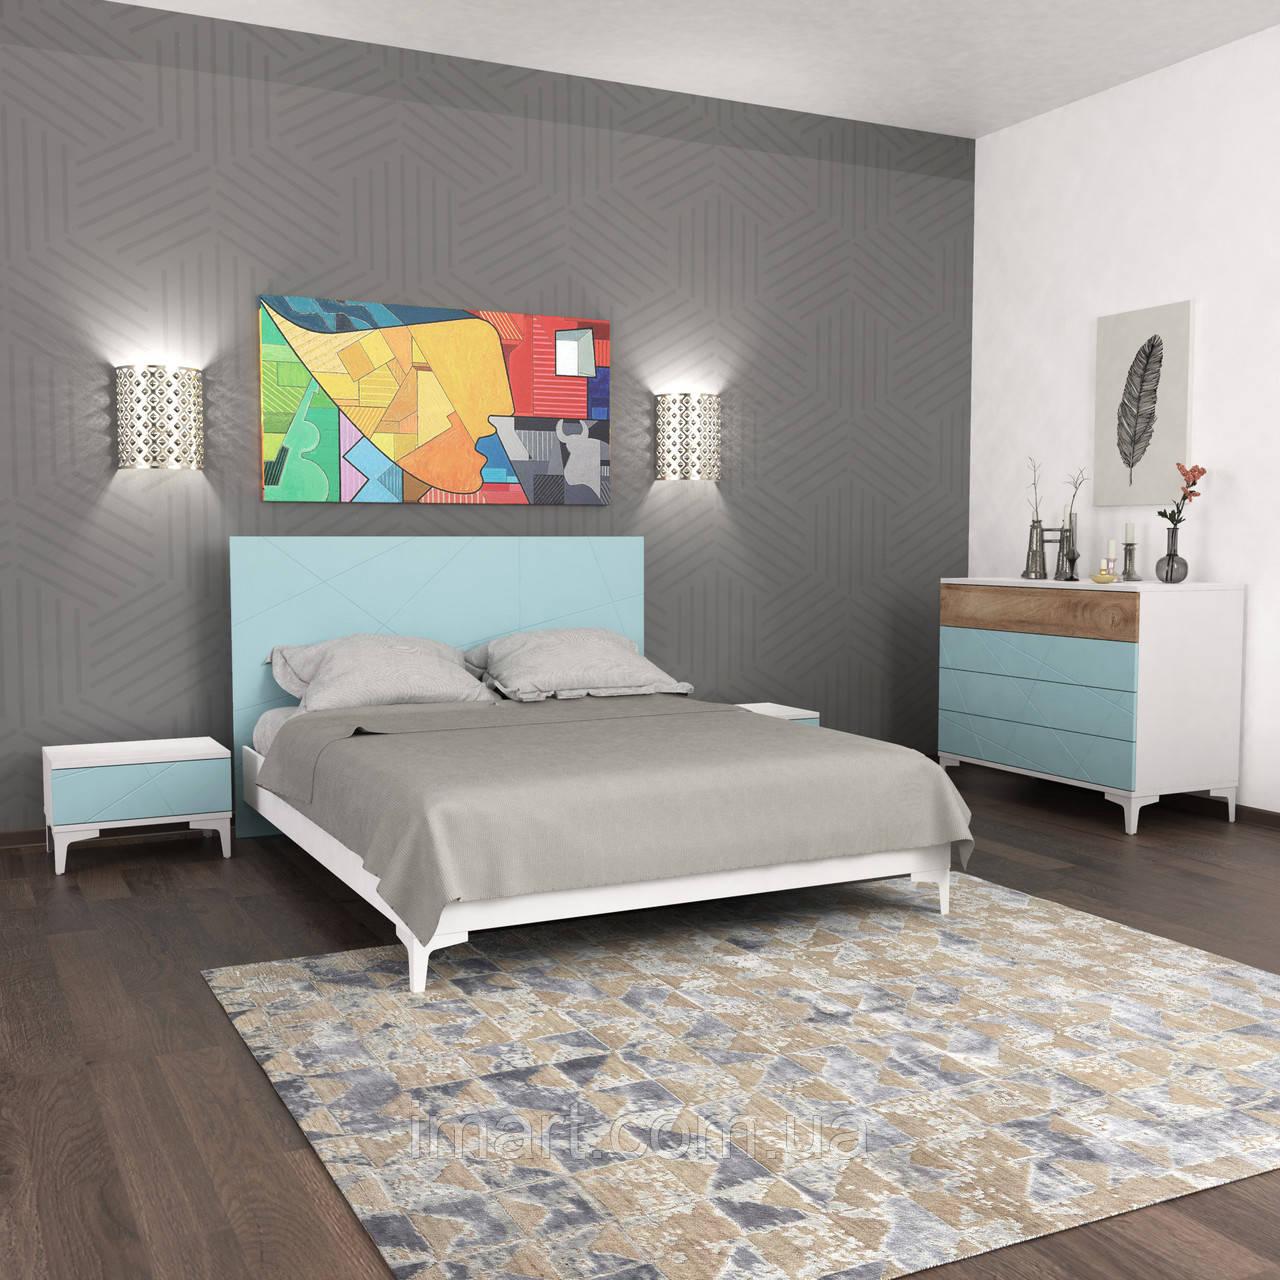 Спальний комплект Picassa b3 БЛАКИТНА ЛАГУНА